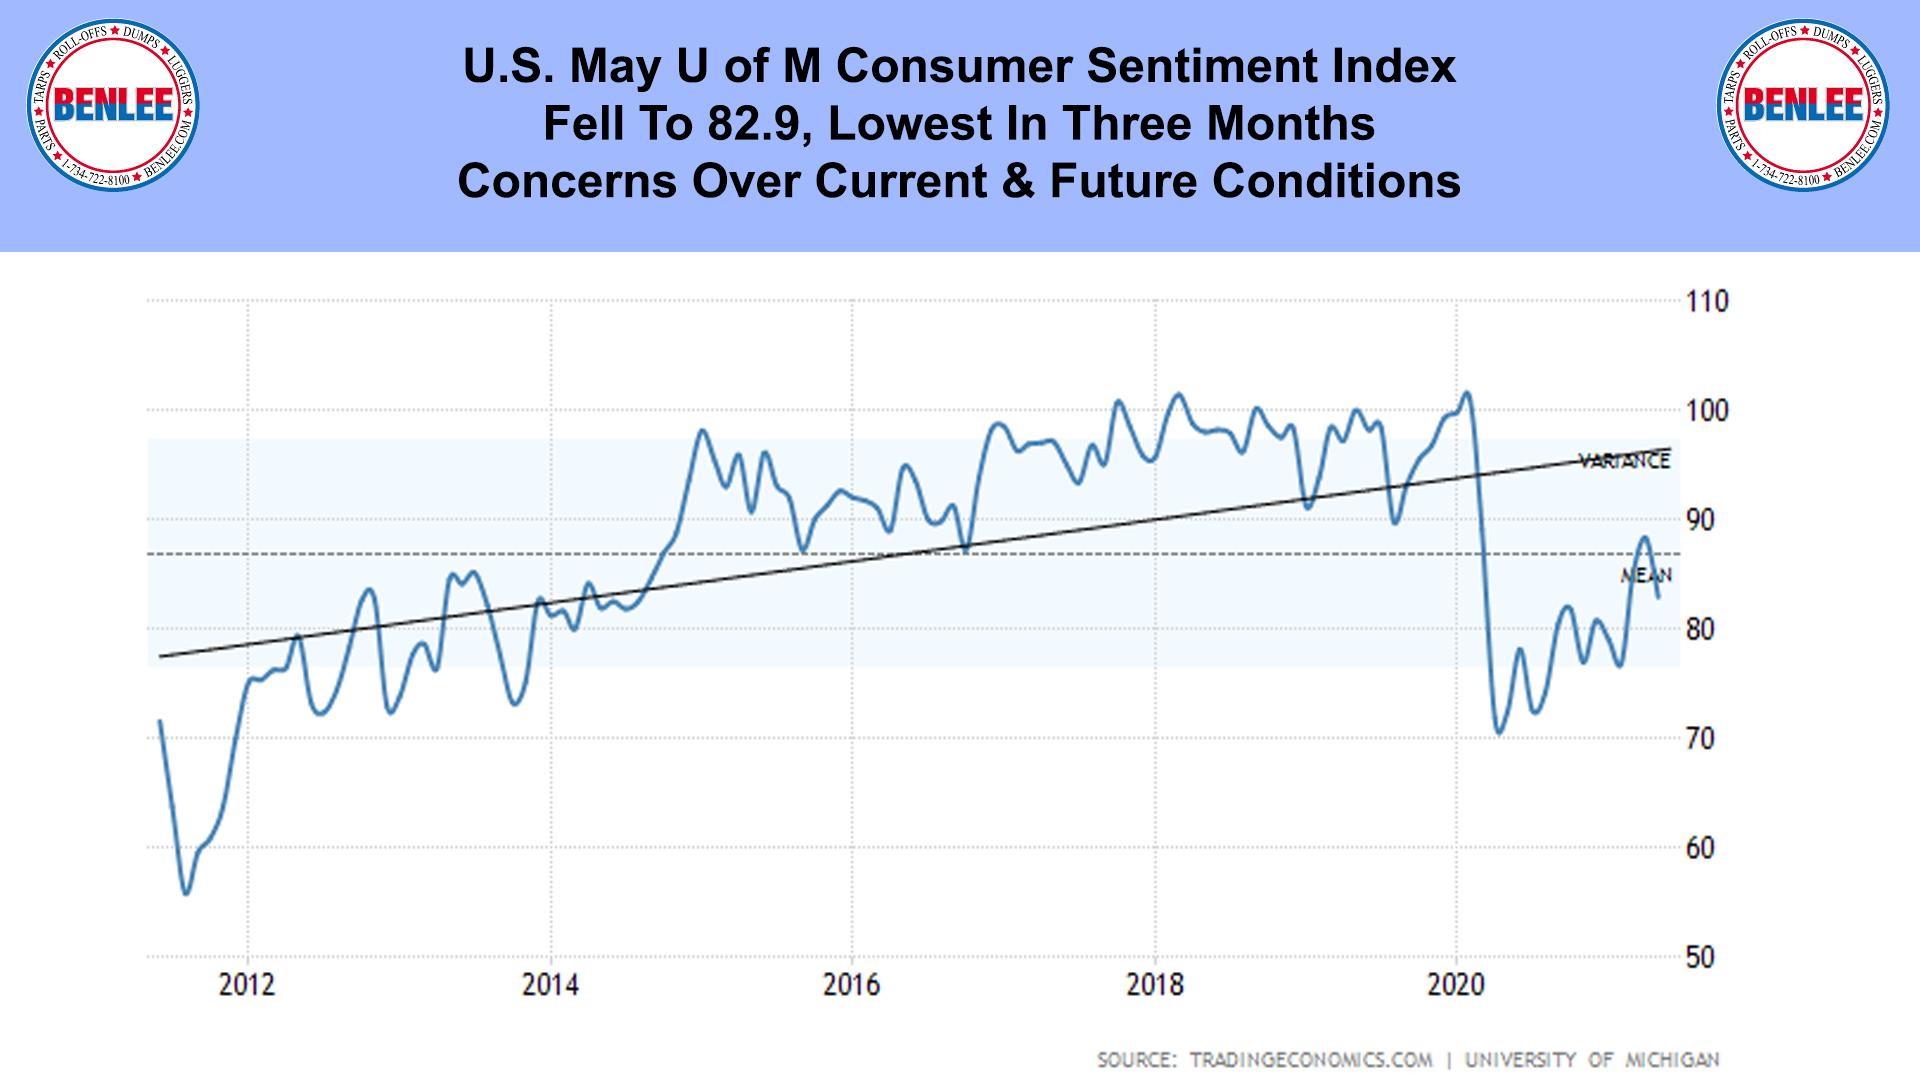 U.S. May U of M Consumer Sentiment Index